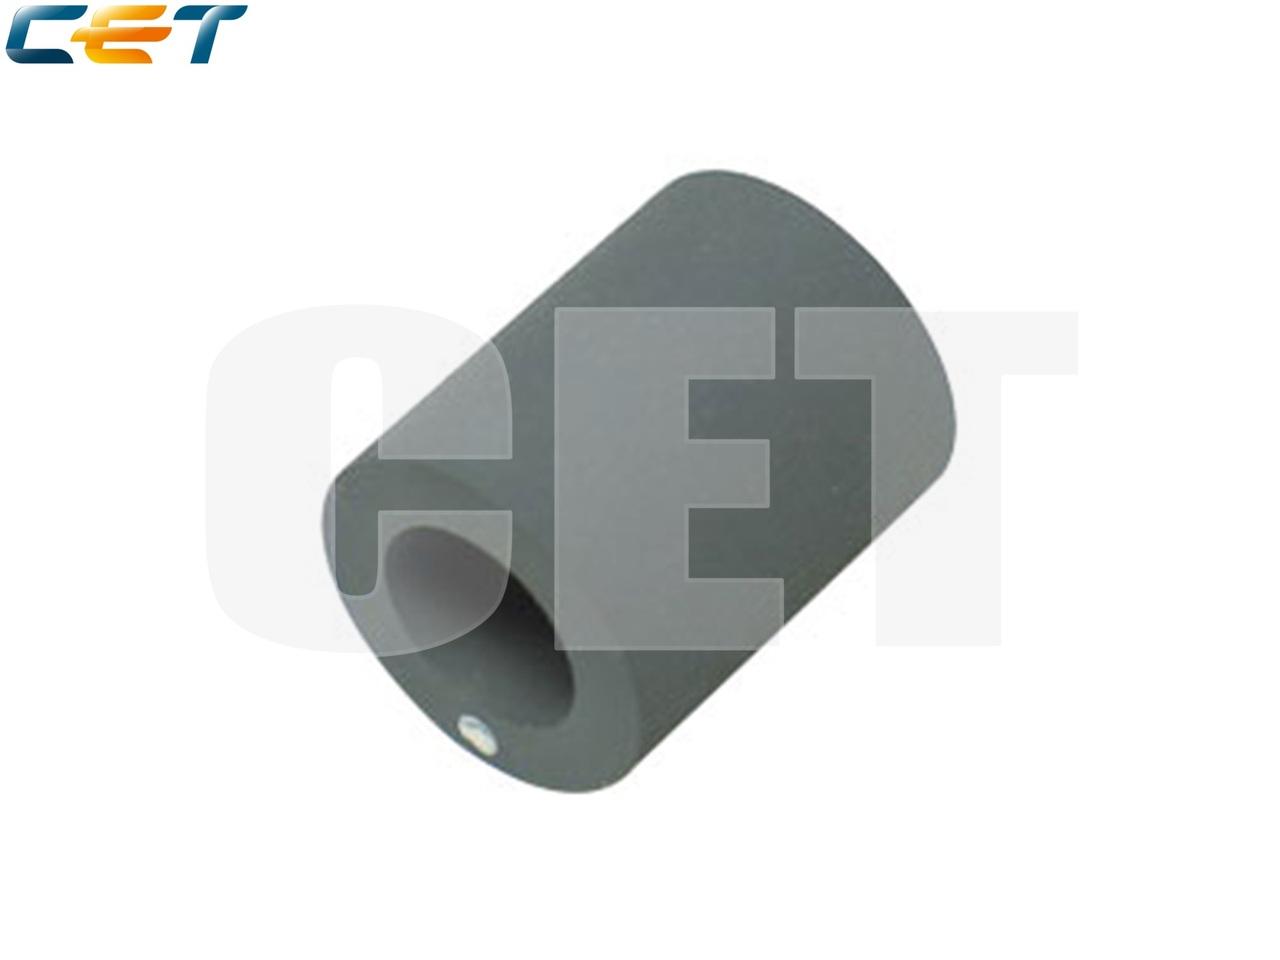 Резинка ролика подхвата AF03-0035, AF03-0036, AF03-2035,AF03-2036 для RICOH Aficio 1035/1045 (CET), CET6015